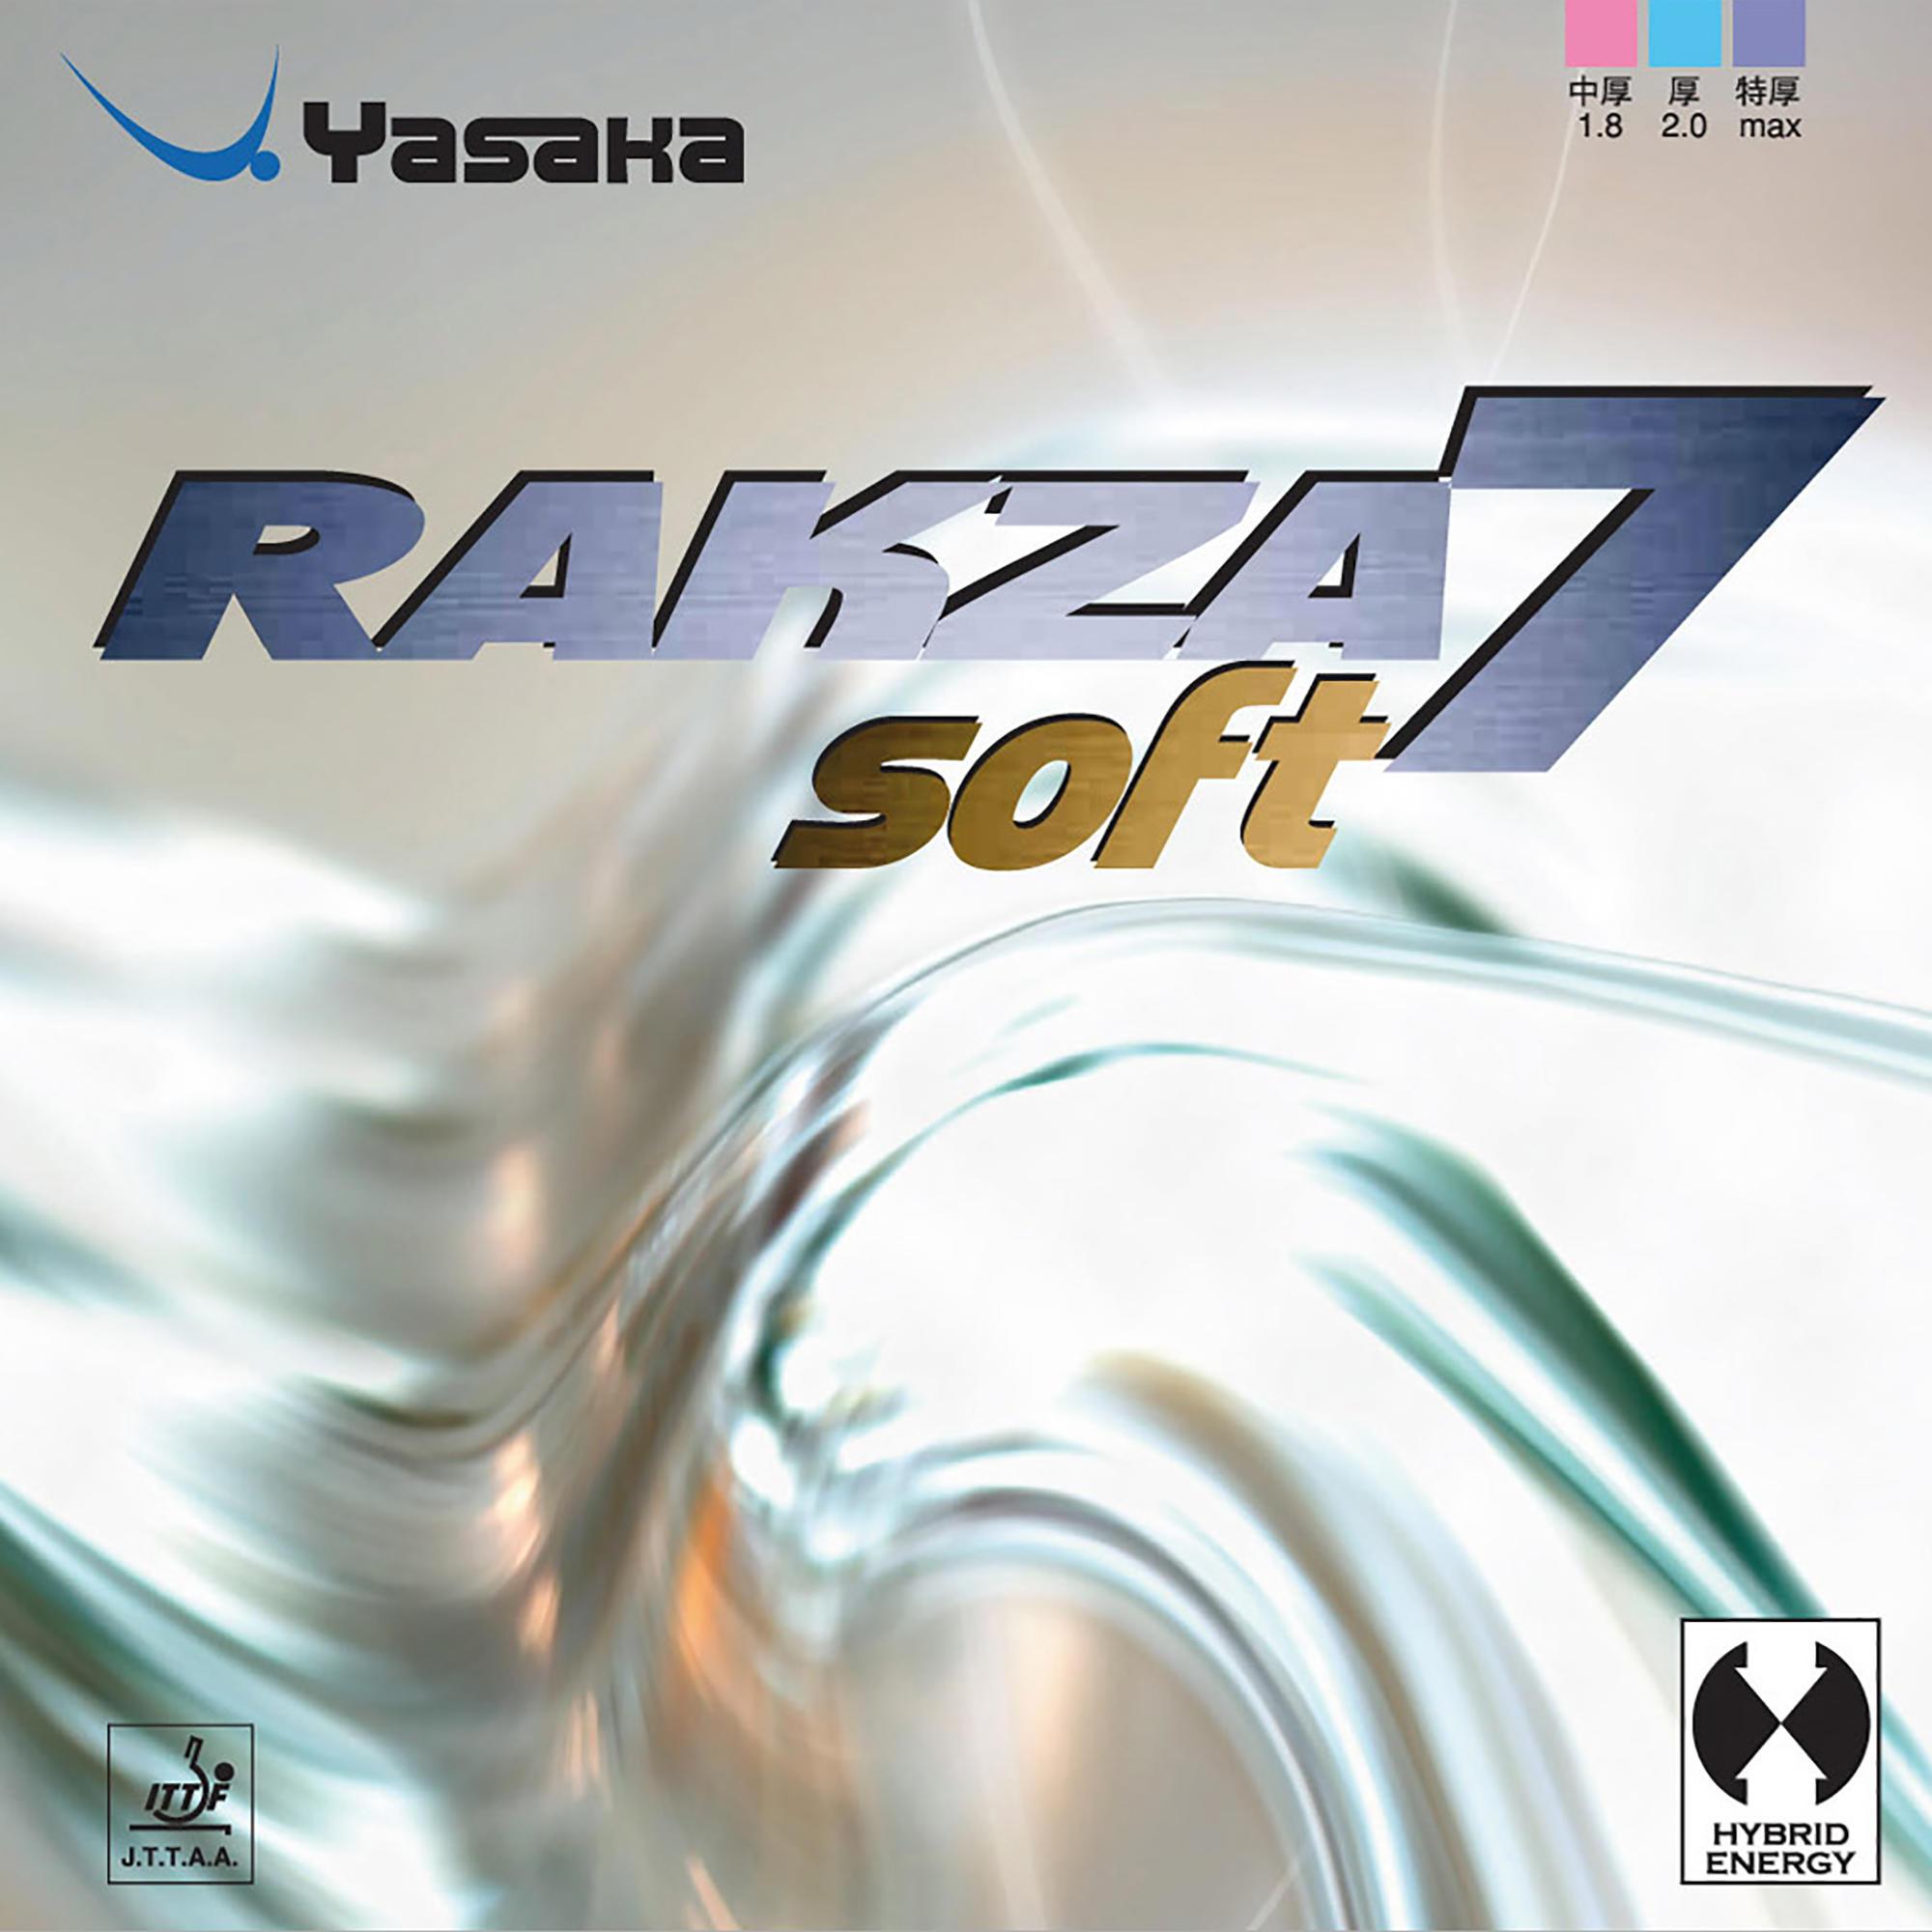 Față Paletă Rakza 7 Soft imagine